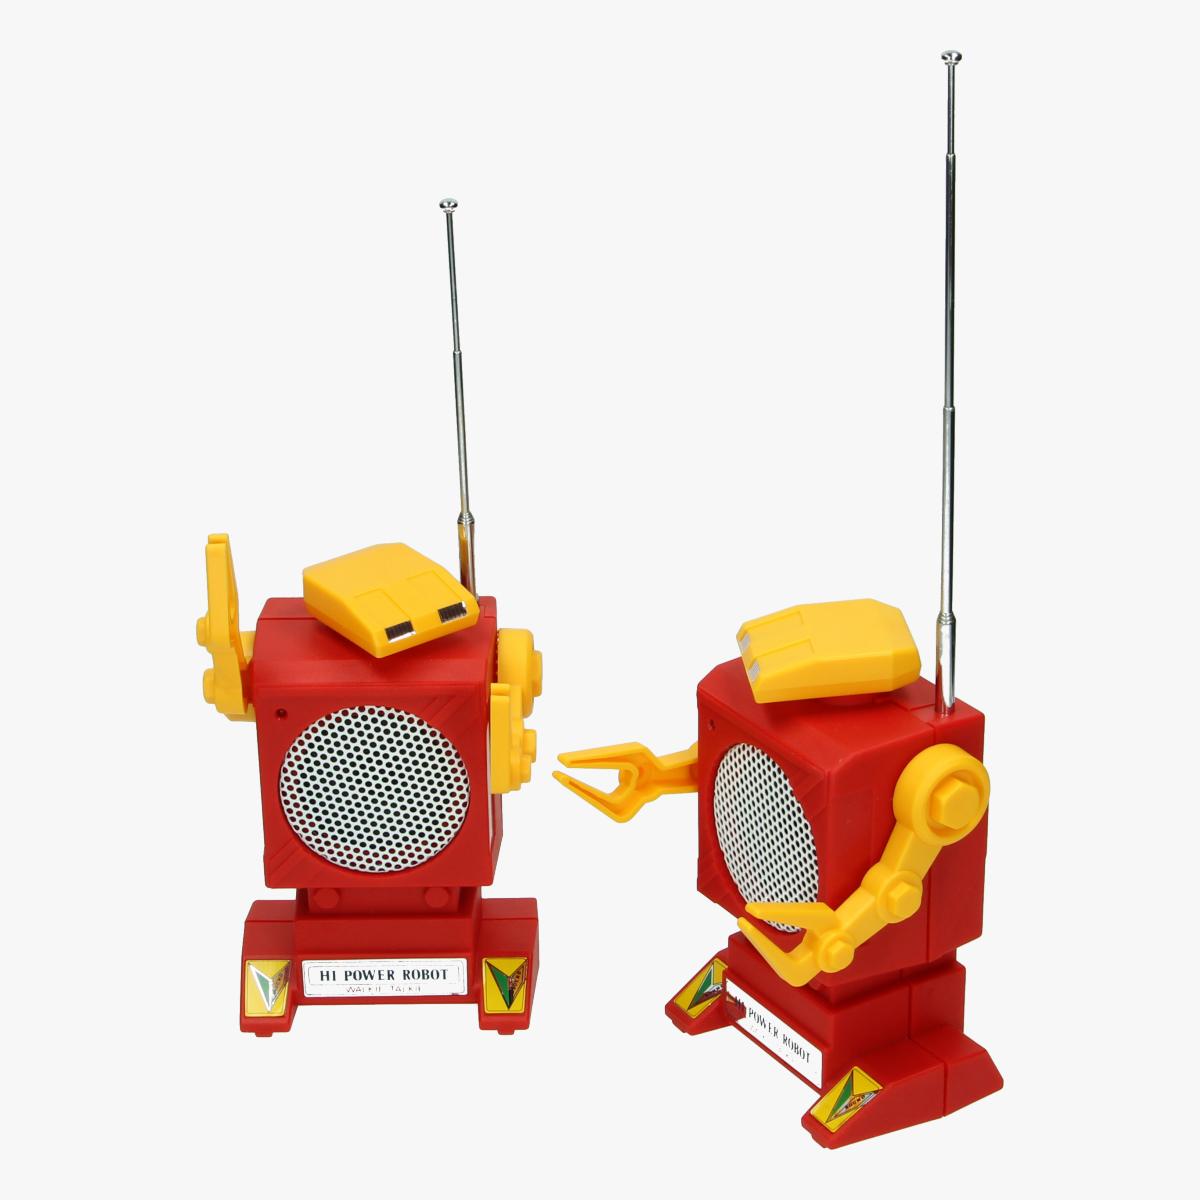 Afbeeldingen van robotic walkie talkie